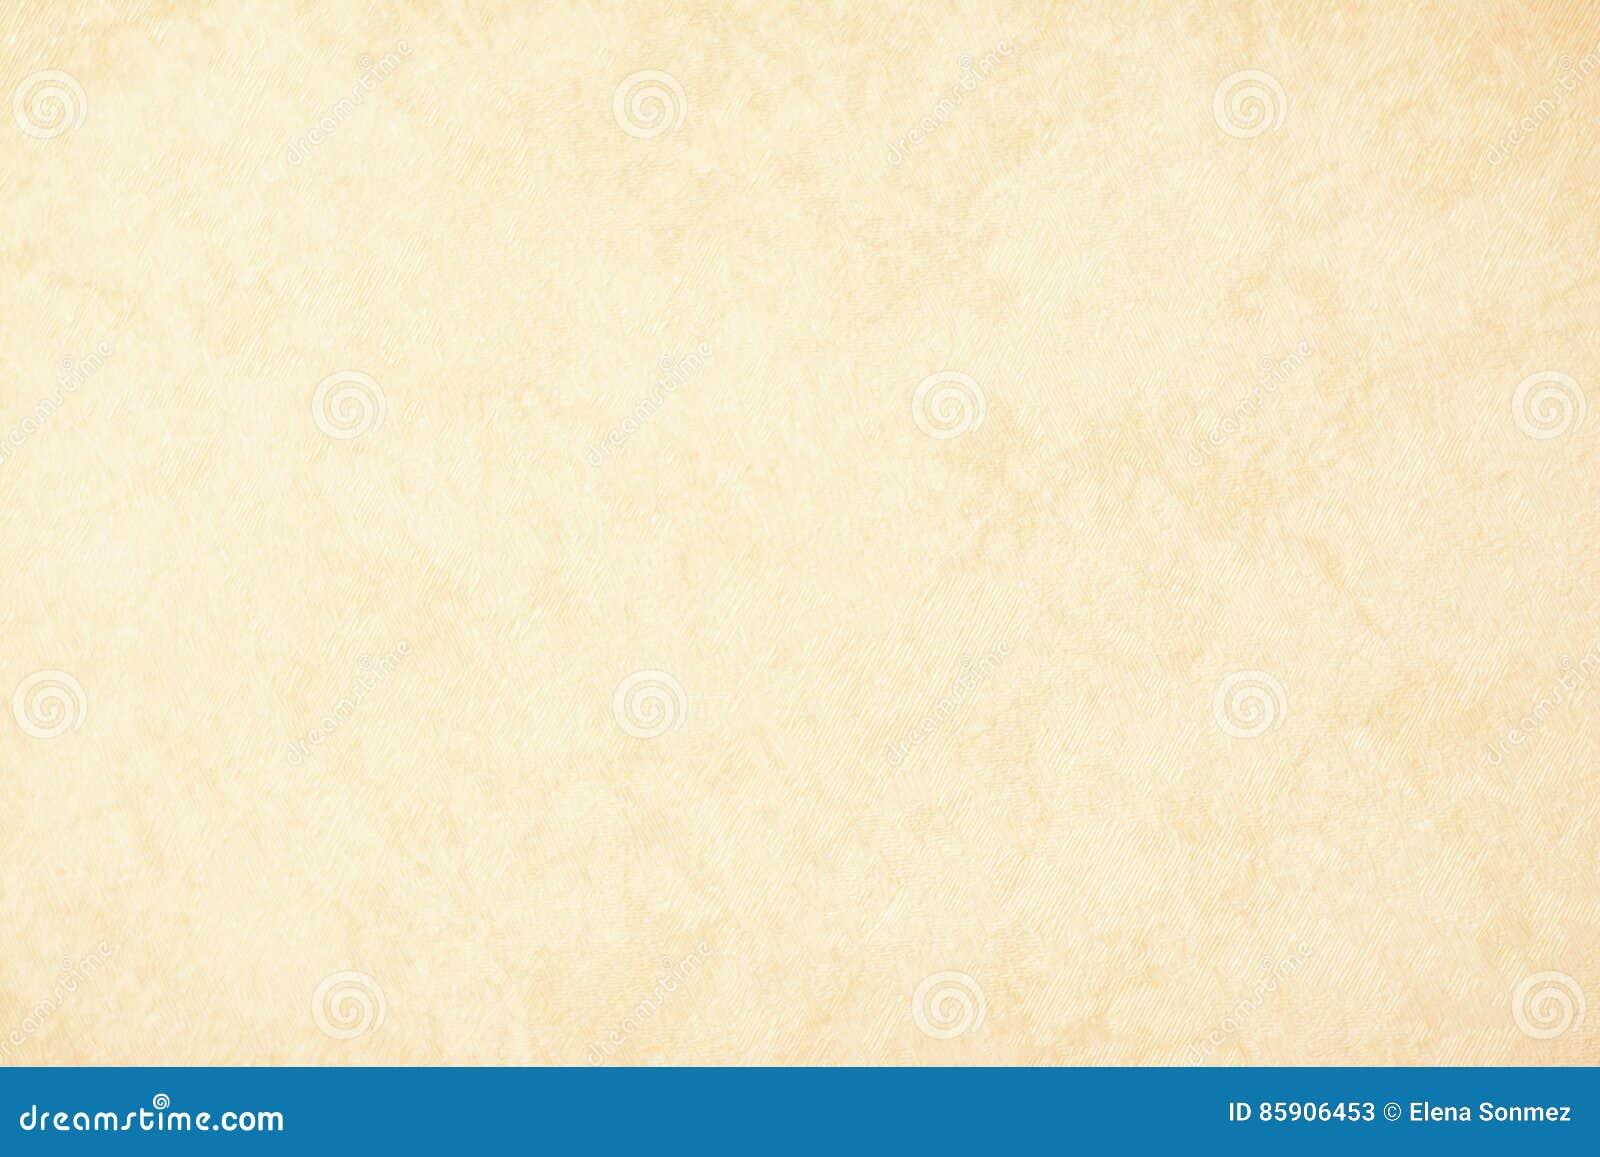 Το χρυσό έγγραφο υποβάθρου σύστασης στην κίτρινη εκλεκτής ποιότητας κρέμα ή το μπεζ χρωματίζει, έγγραφο περγαμηνής, αφηρημένη χρυ